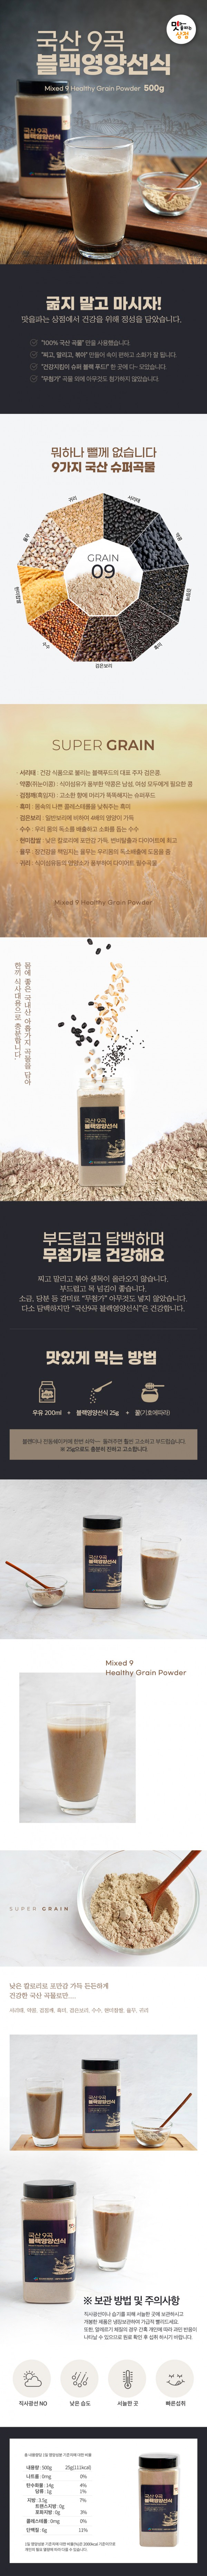 [D83]선식 상세페이지 제작 + 제품촬영